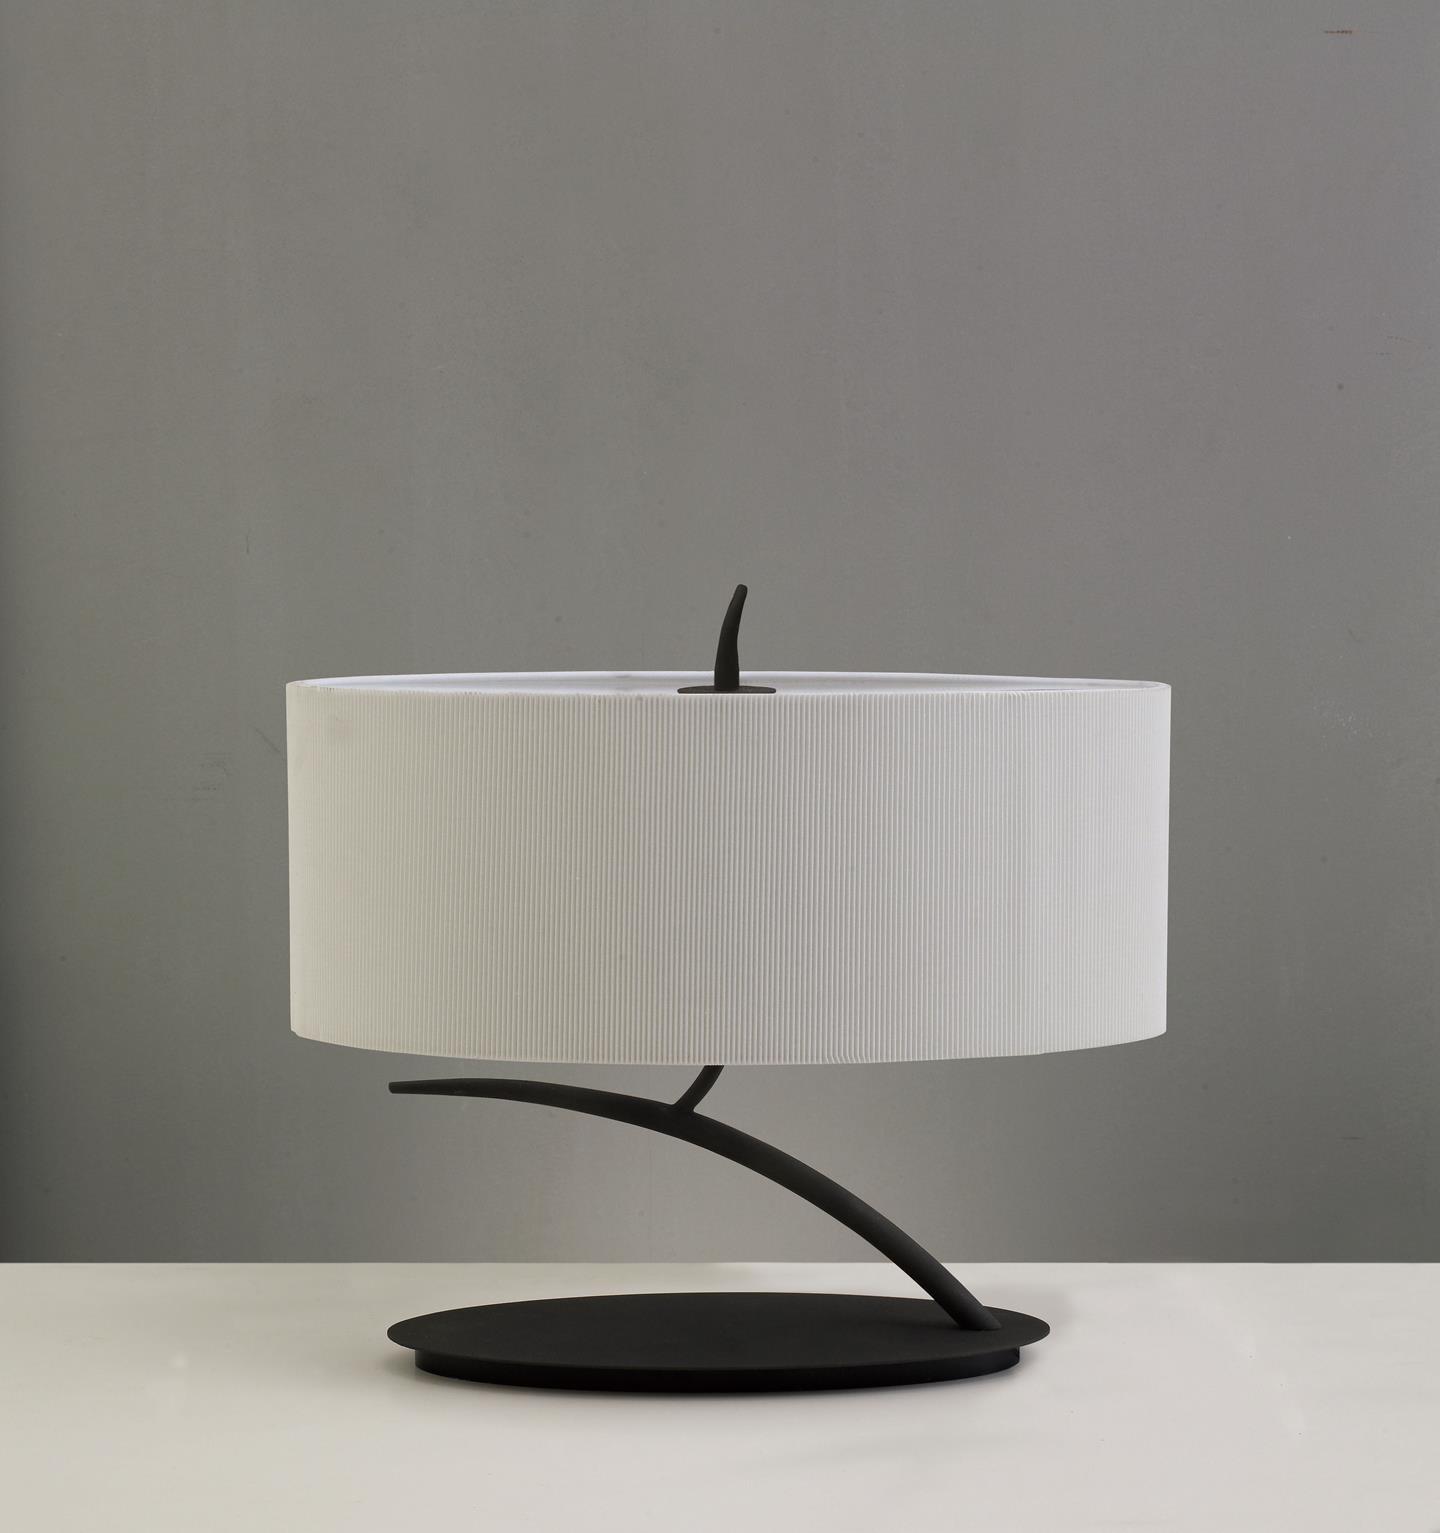 Eve Lampe de table Forja/Crème 2L ovaleada